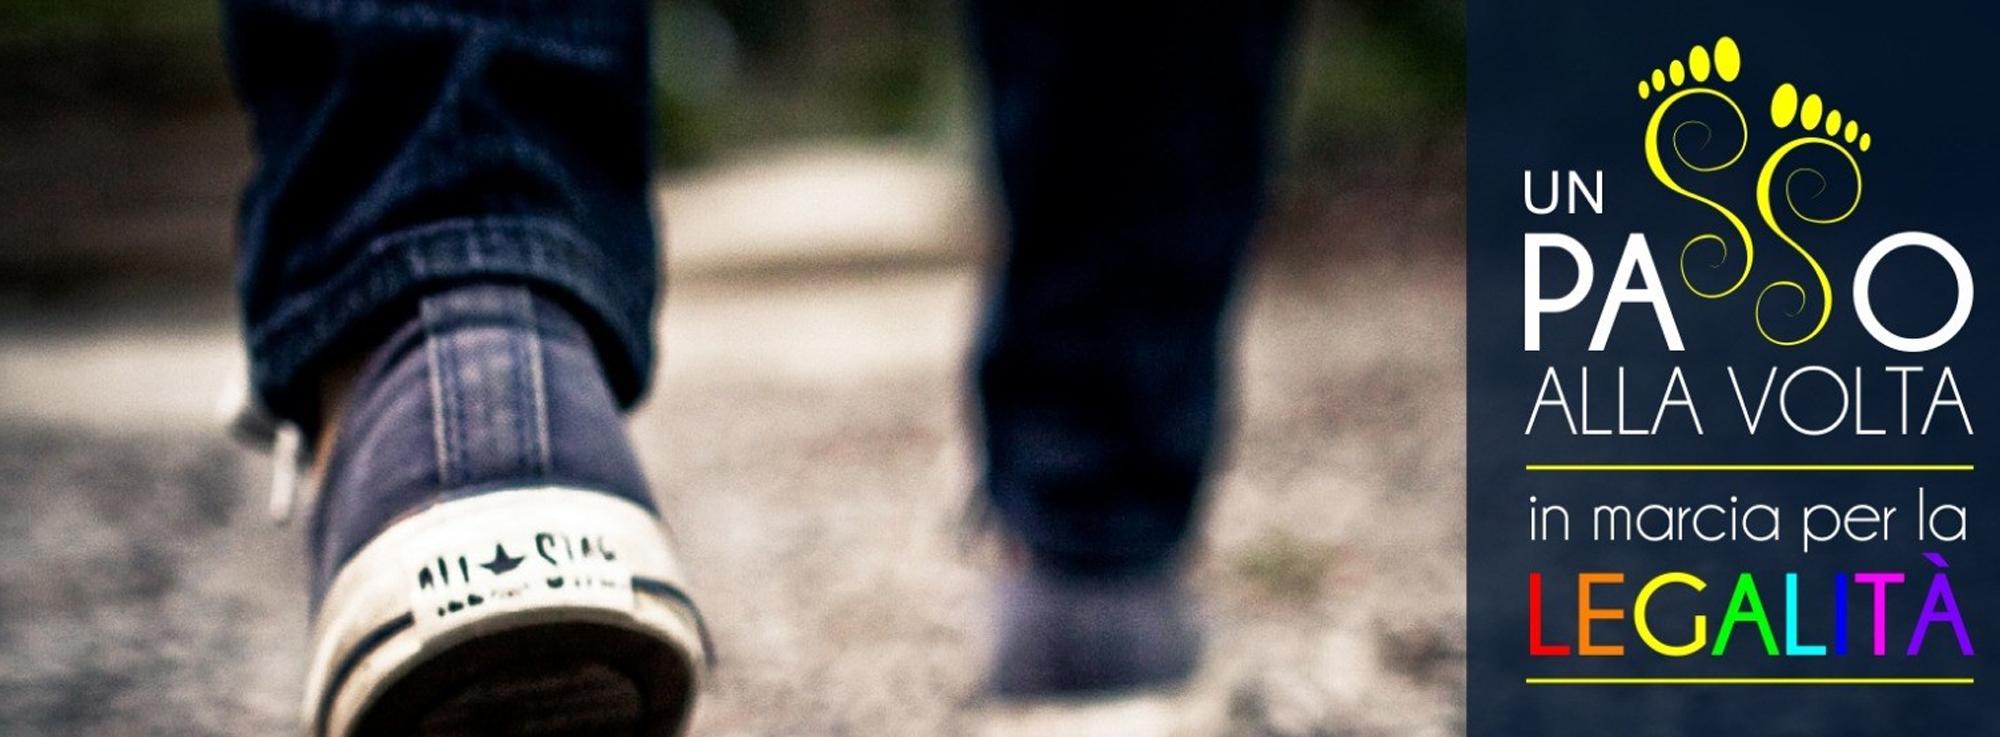 Mattinata: Un Passo alla Volta – in marcia per la Legalità